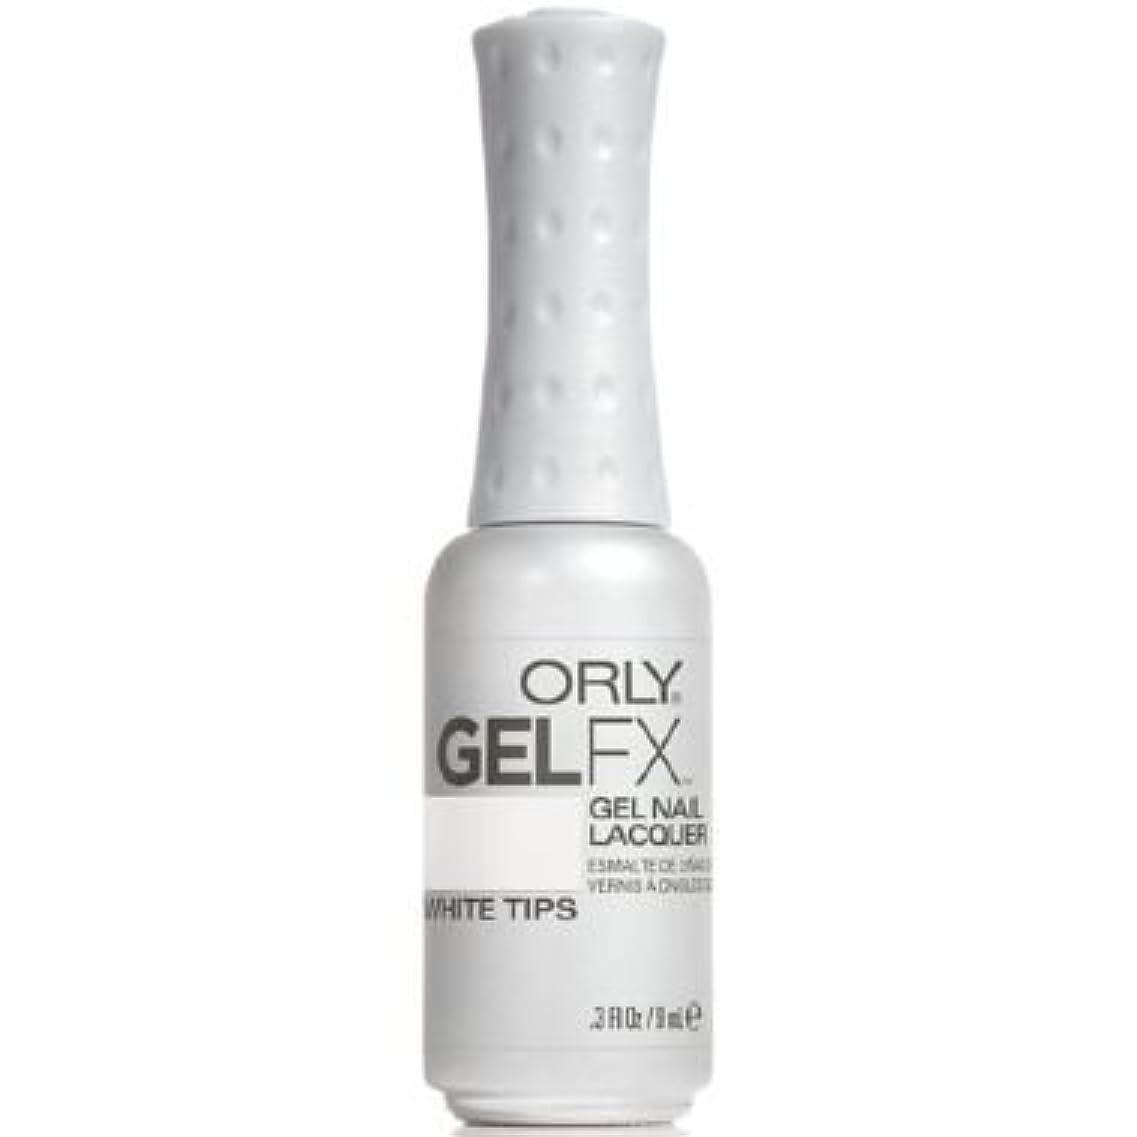 怠なガイドインチOrly Gel FX Gel UV Vernis à Ongles/ Gel Polish - White Tips 9ml